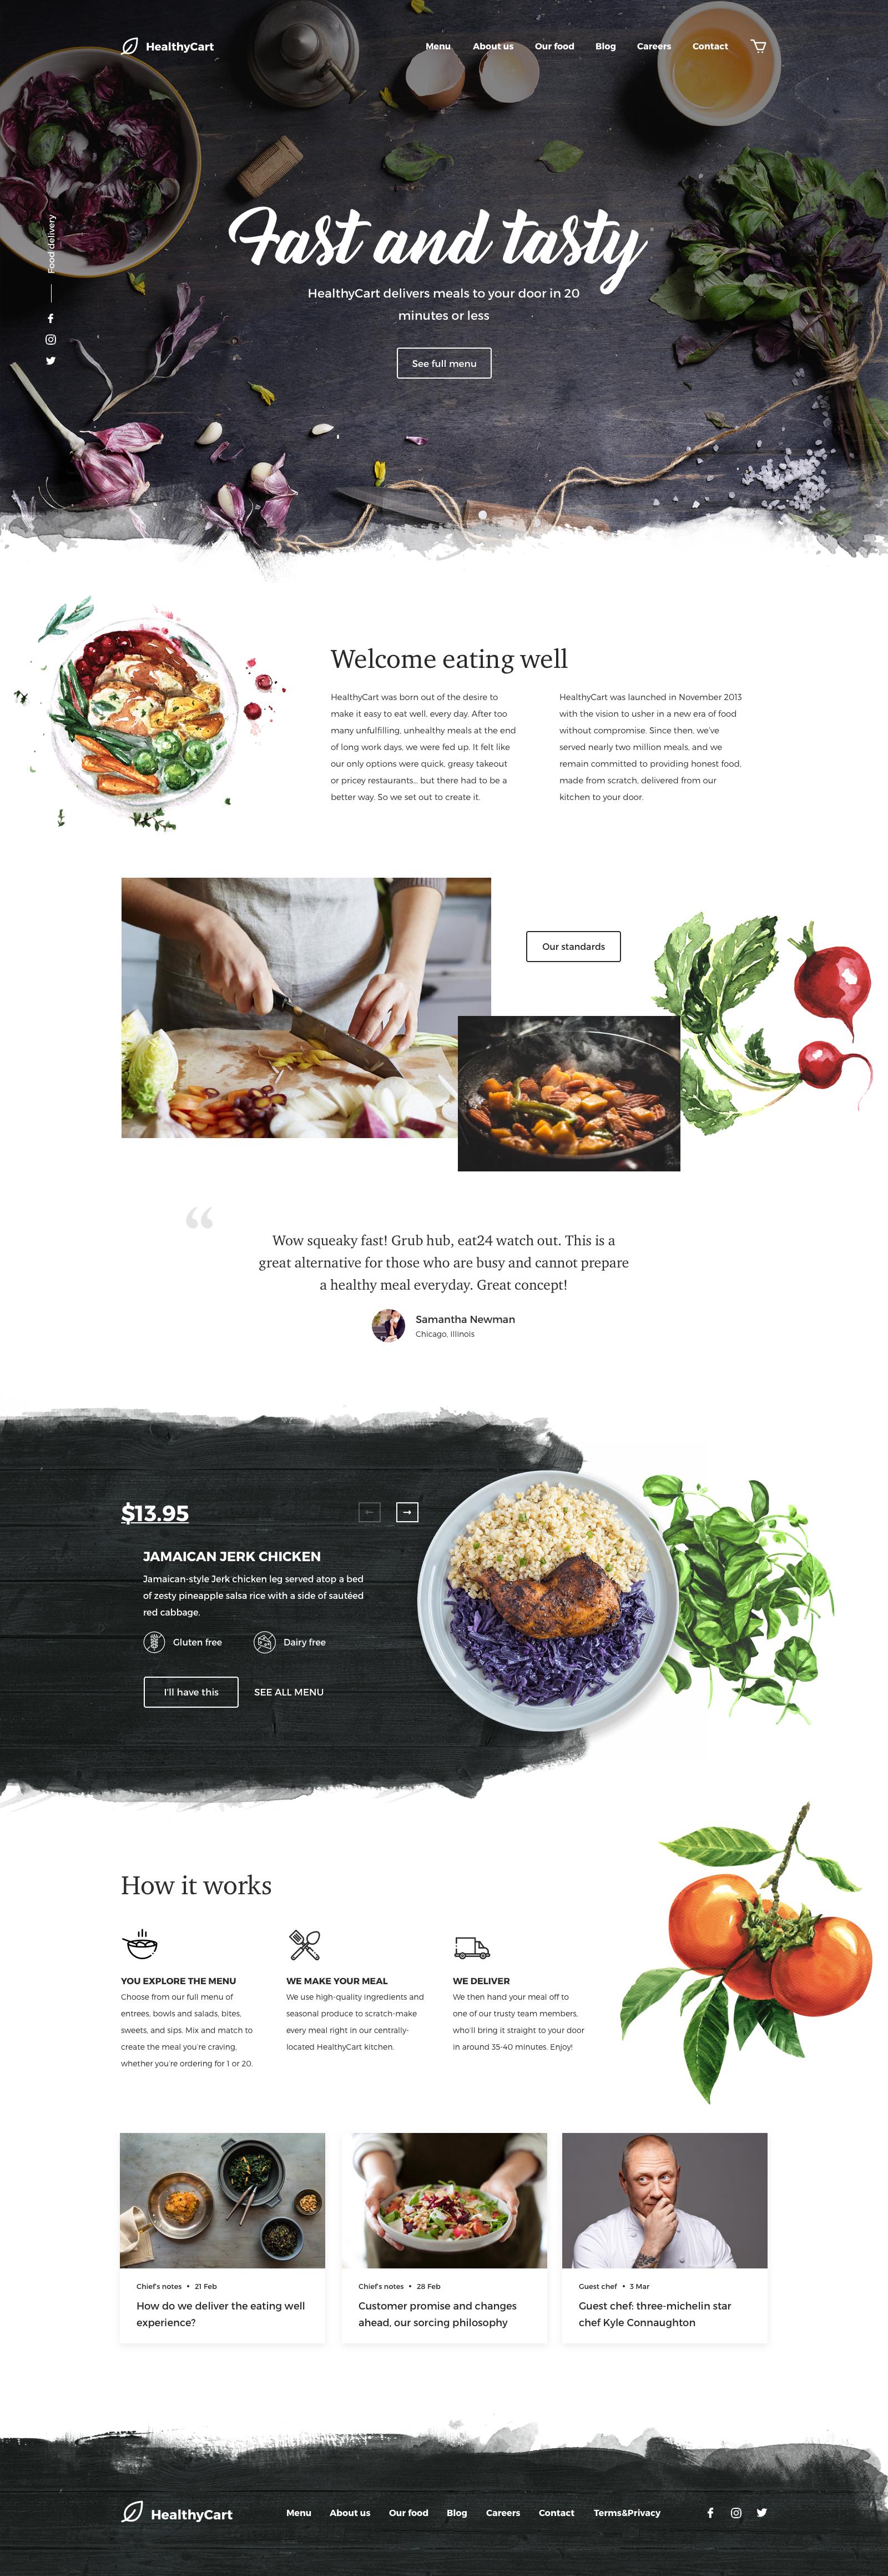 Healthycart Delivery Food Web Design Web Layout Design Website Design Wordpress